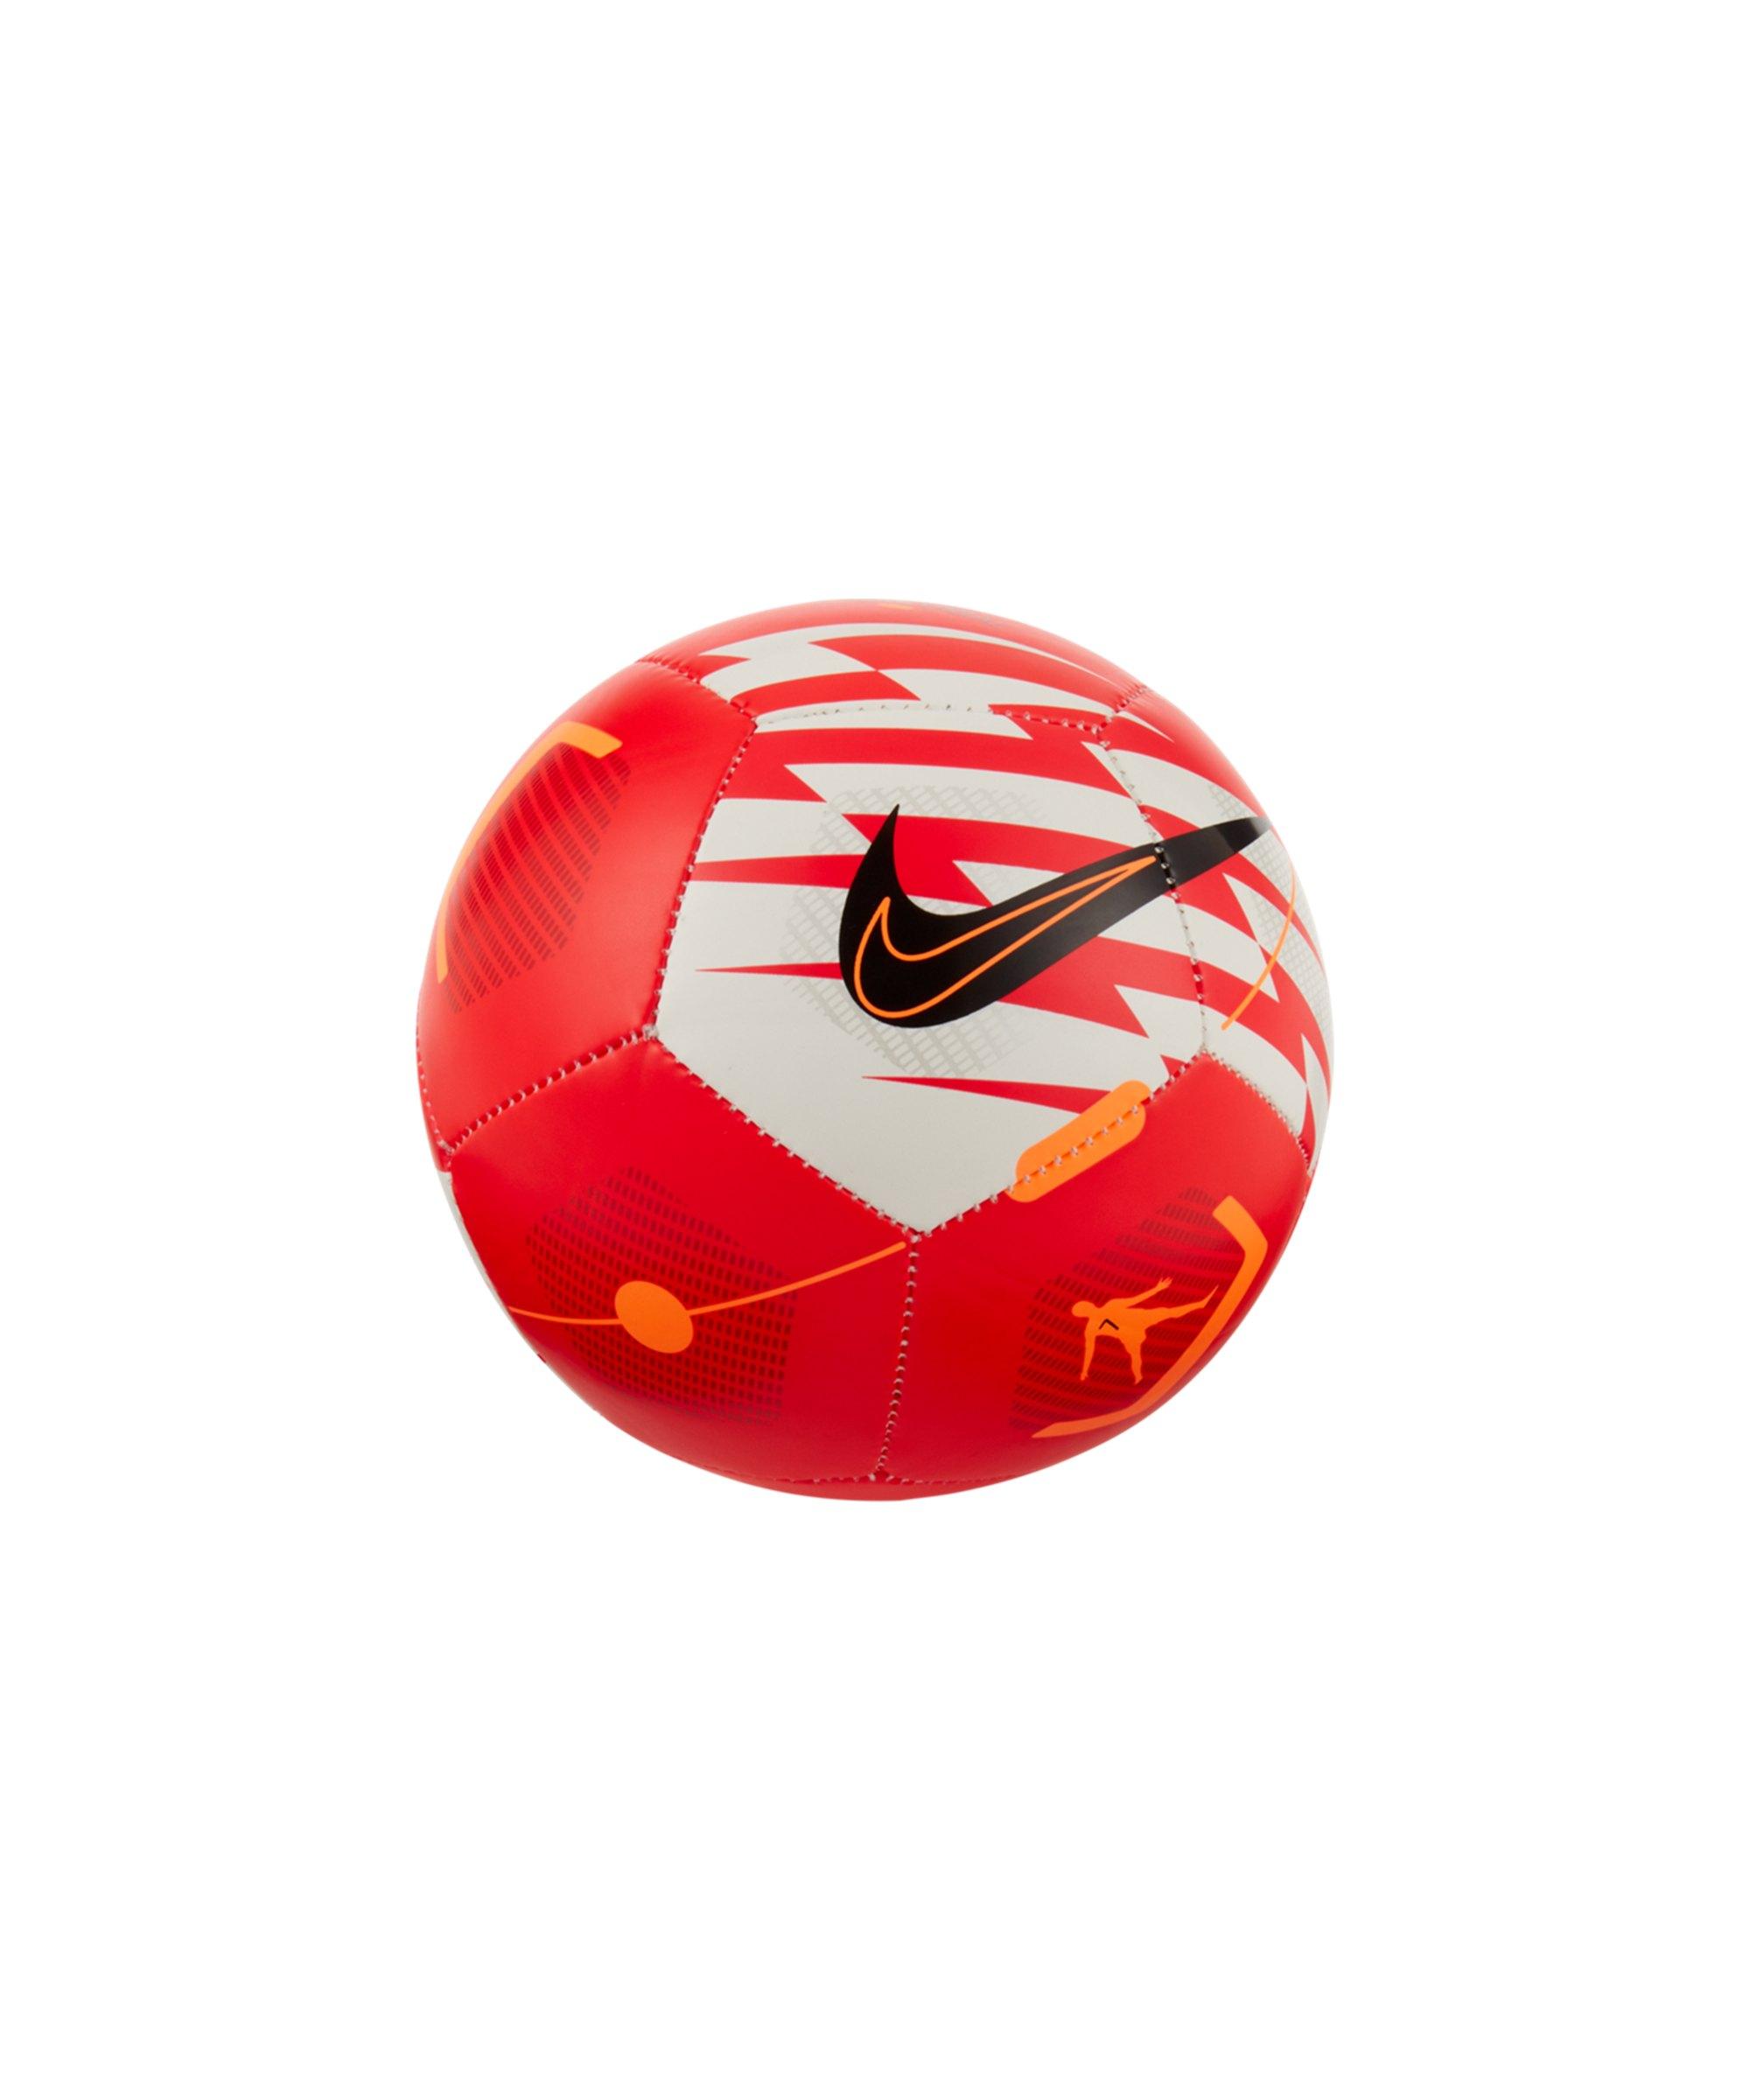 Nike CR7 Skills Miniball Rot F635 - rot